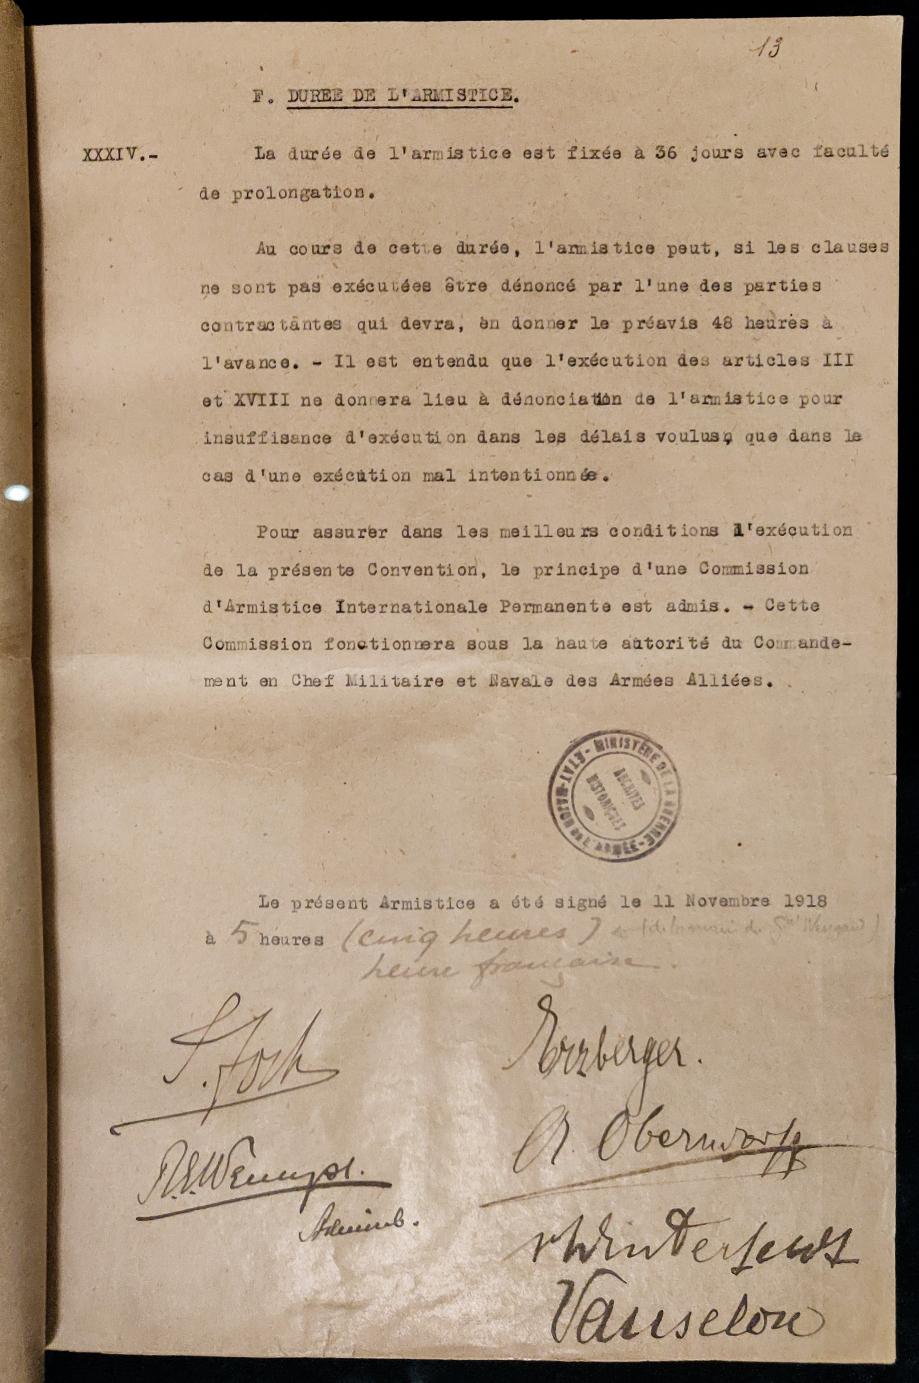 Armistice_18_novembre_1918.jpg